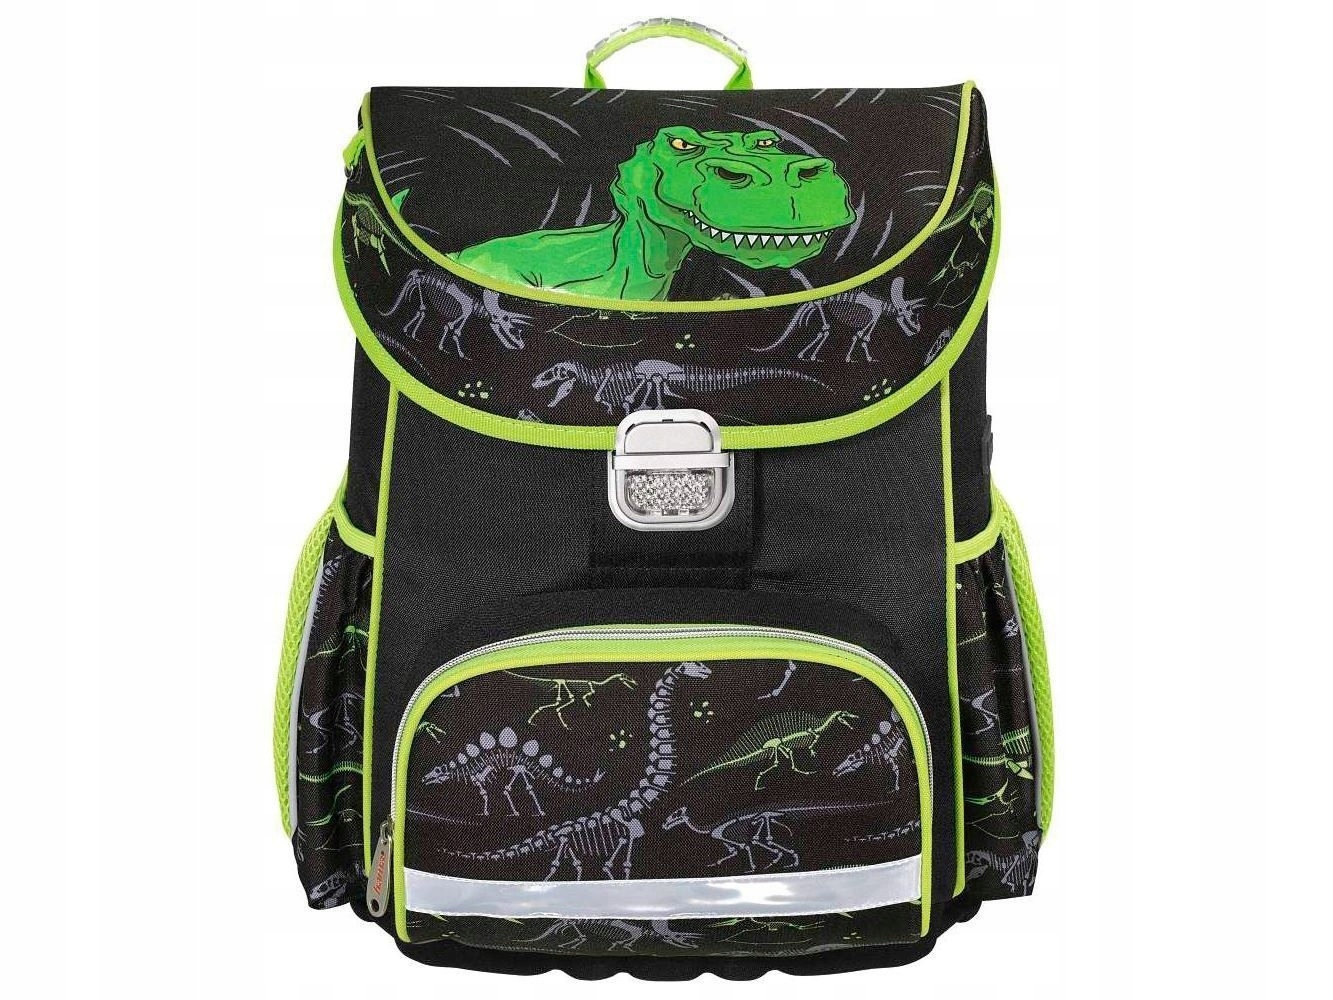 4f0c9356be8 Hama tornister / plecak szkolny dla dzieci / Dino - 7532182493 ...